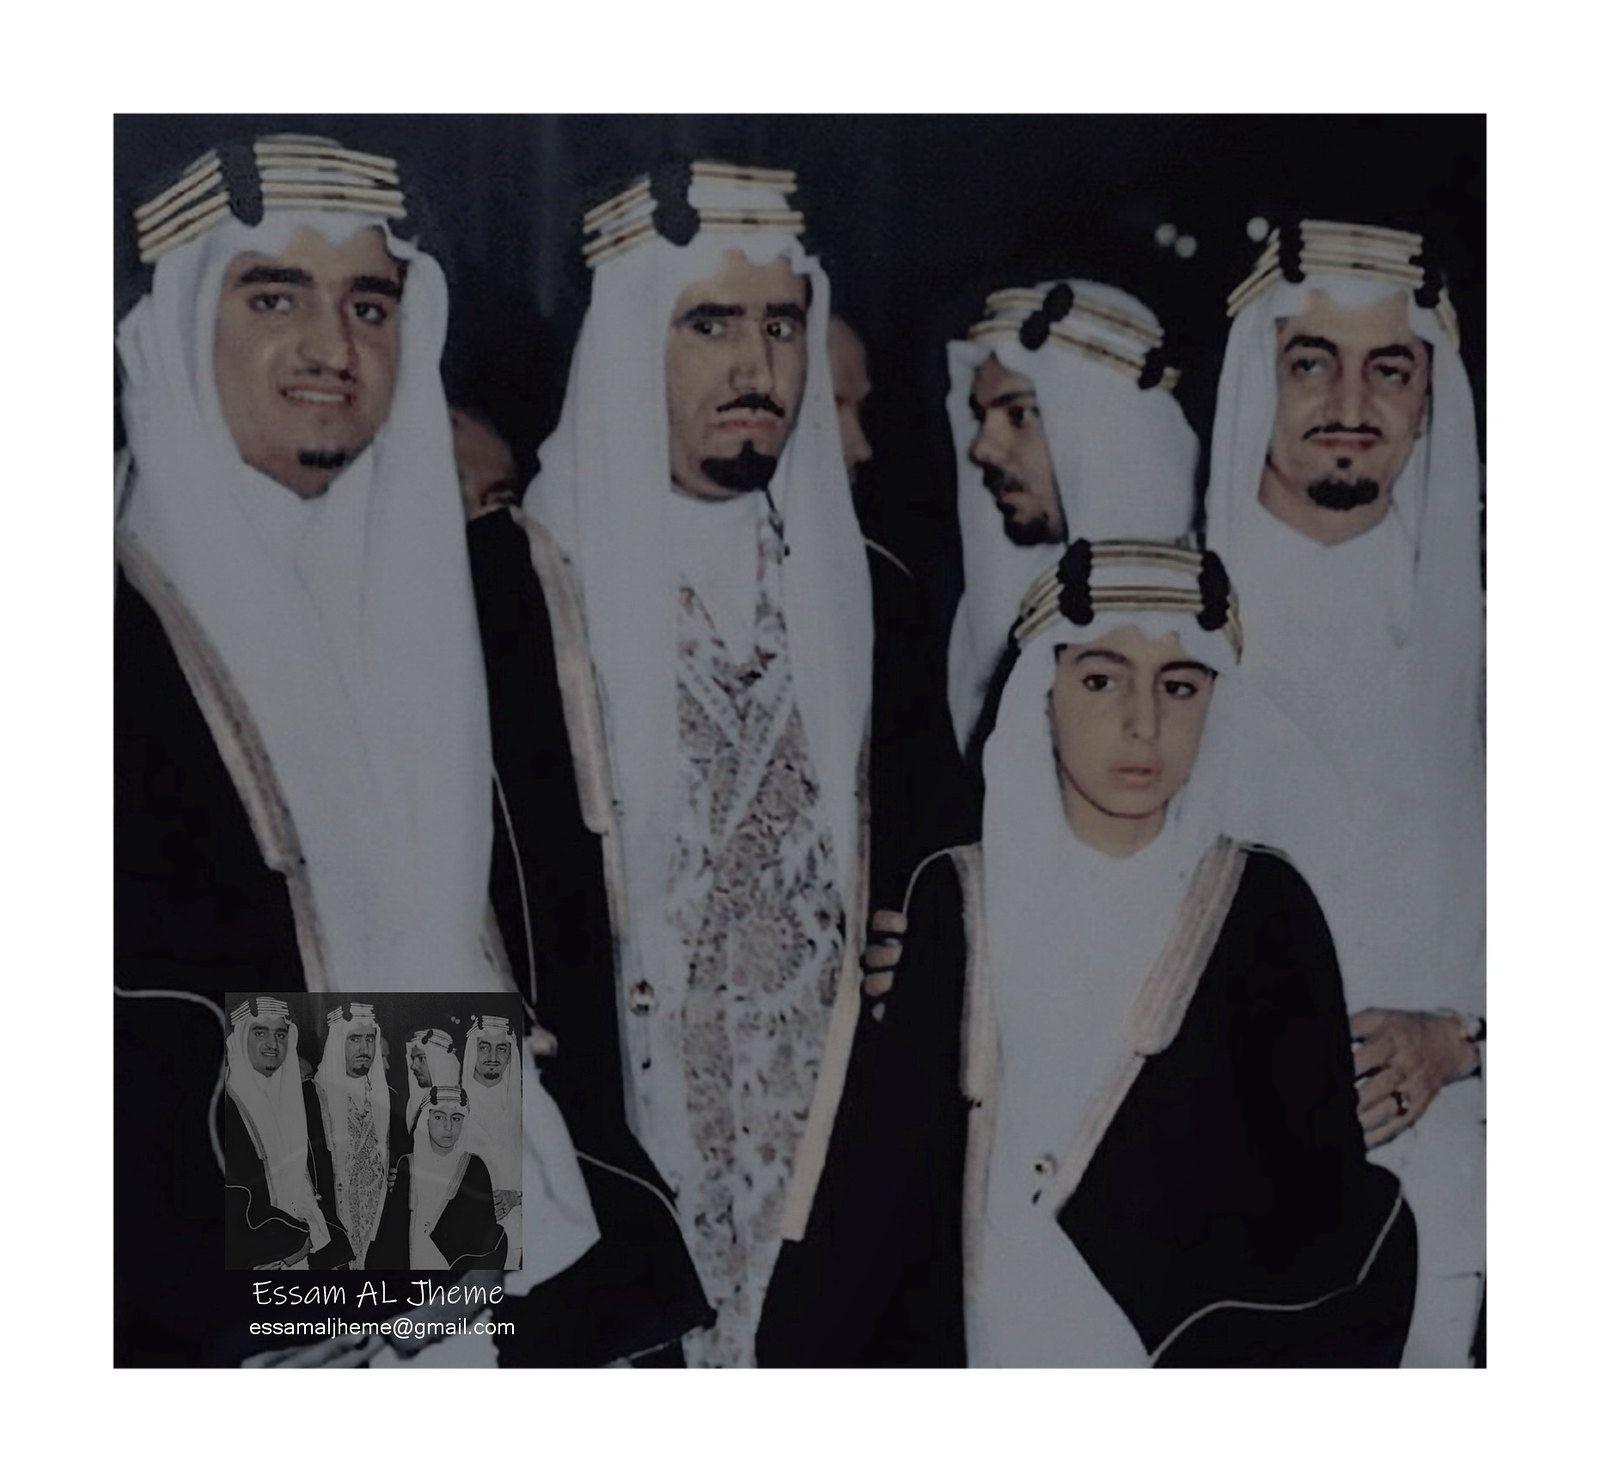 الملك فيصل بن عبدالعزيز ال سعود الامير محمد بن عبدالعزيز ال سعود الملك فهد بن عبدالعزيز ال سعود والامير نواف بن عبدالعزيز ال سعود Saudi Arabia Culture King Salman Saudi